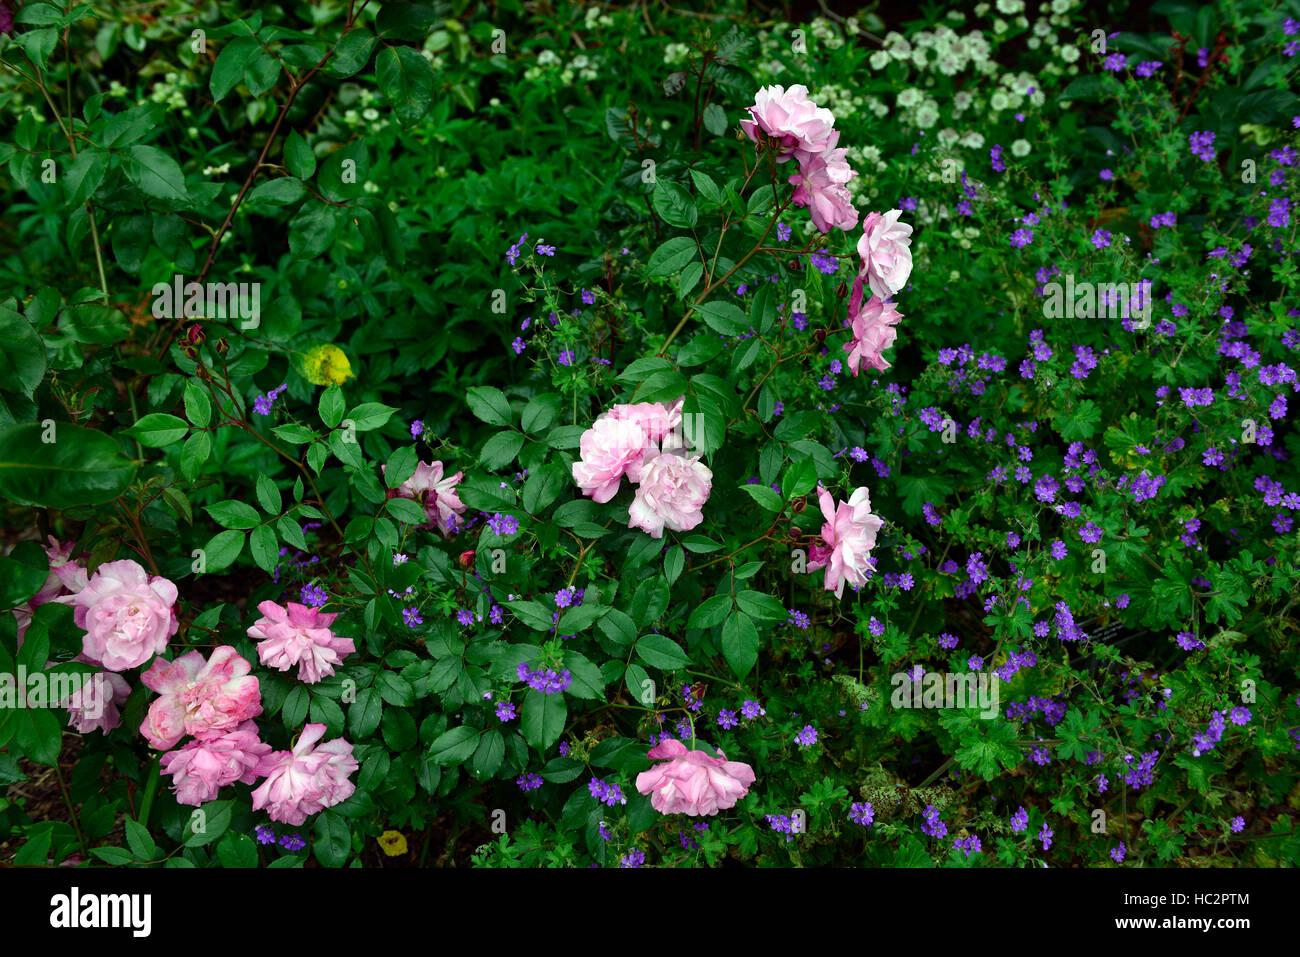 Geranium pyrenaicum bill wallis rosa chinensis annonce vieux rose blush rose bleu combinaison régime plantation Photo Stock